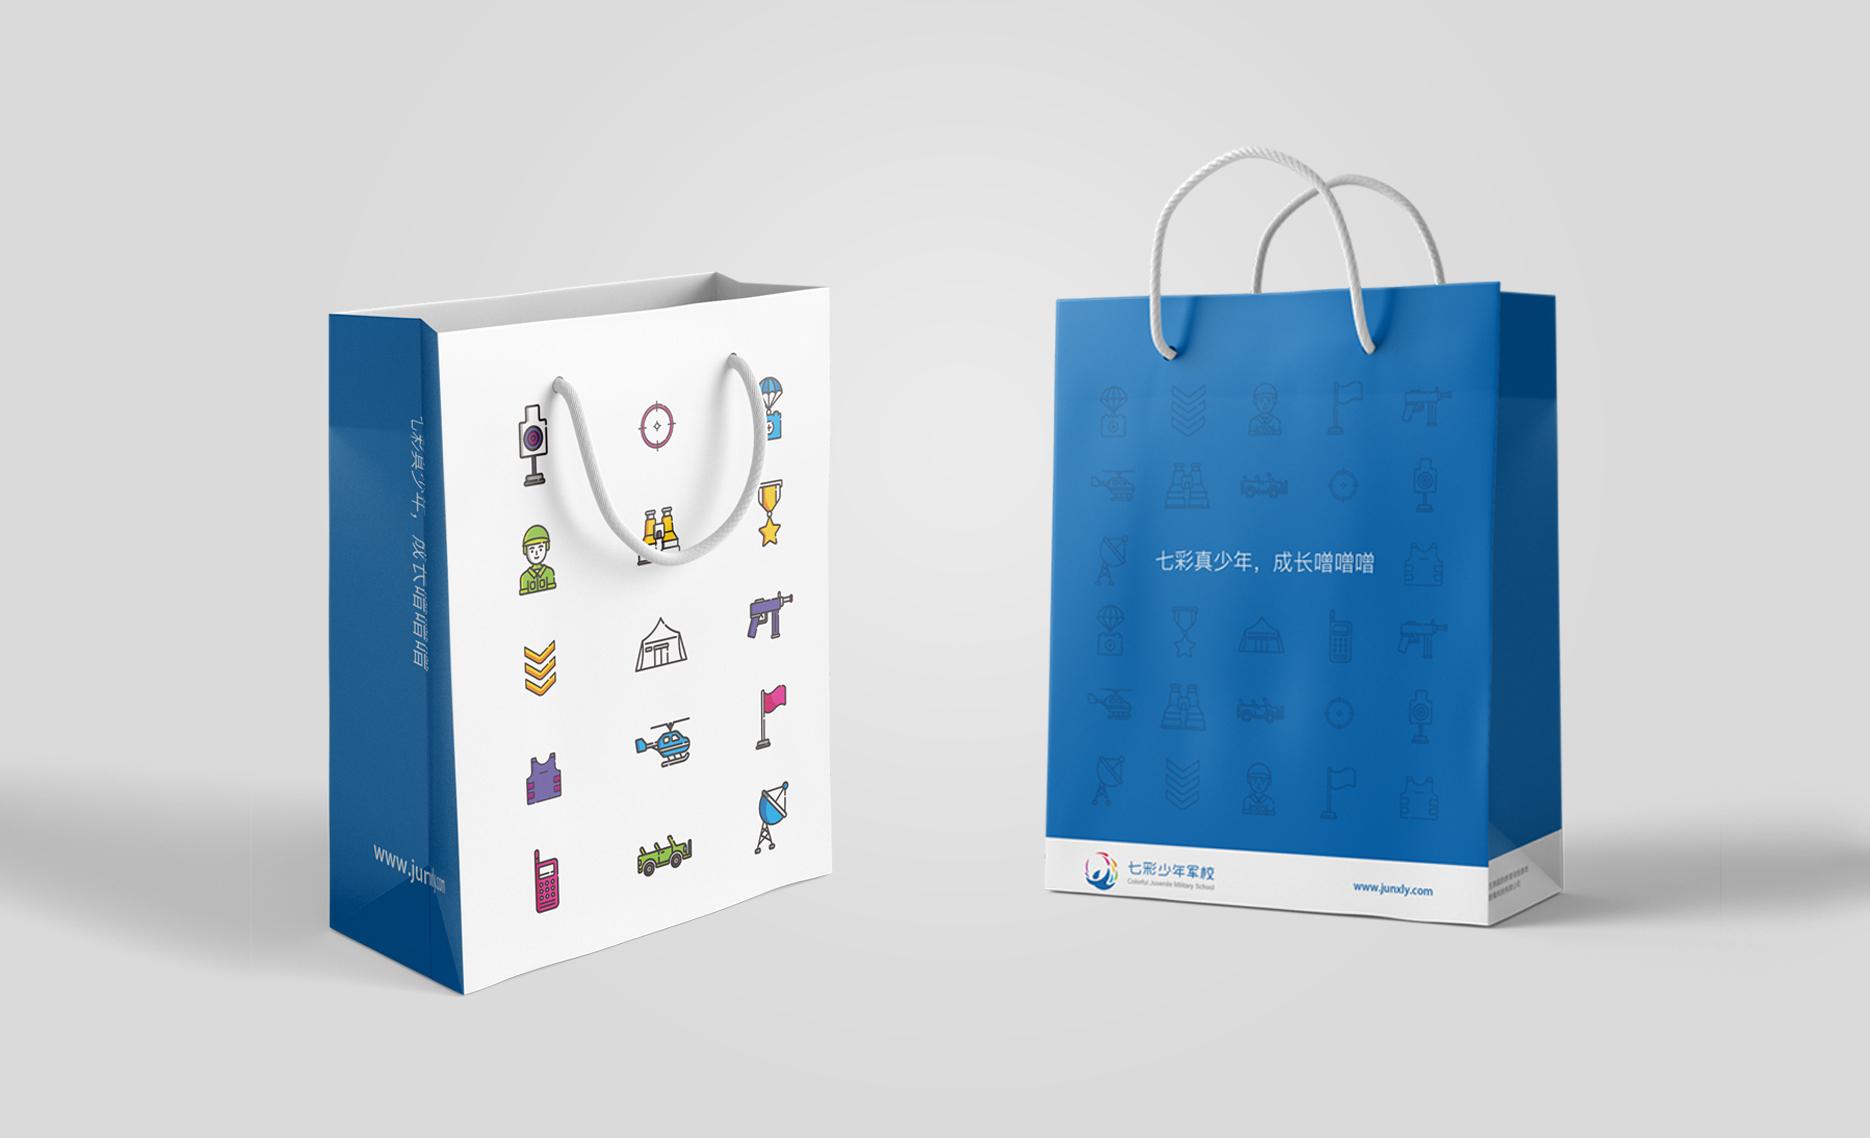 七彩少年品牌全案定位升级:手提袋